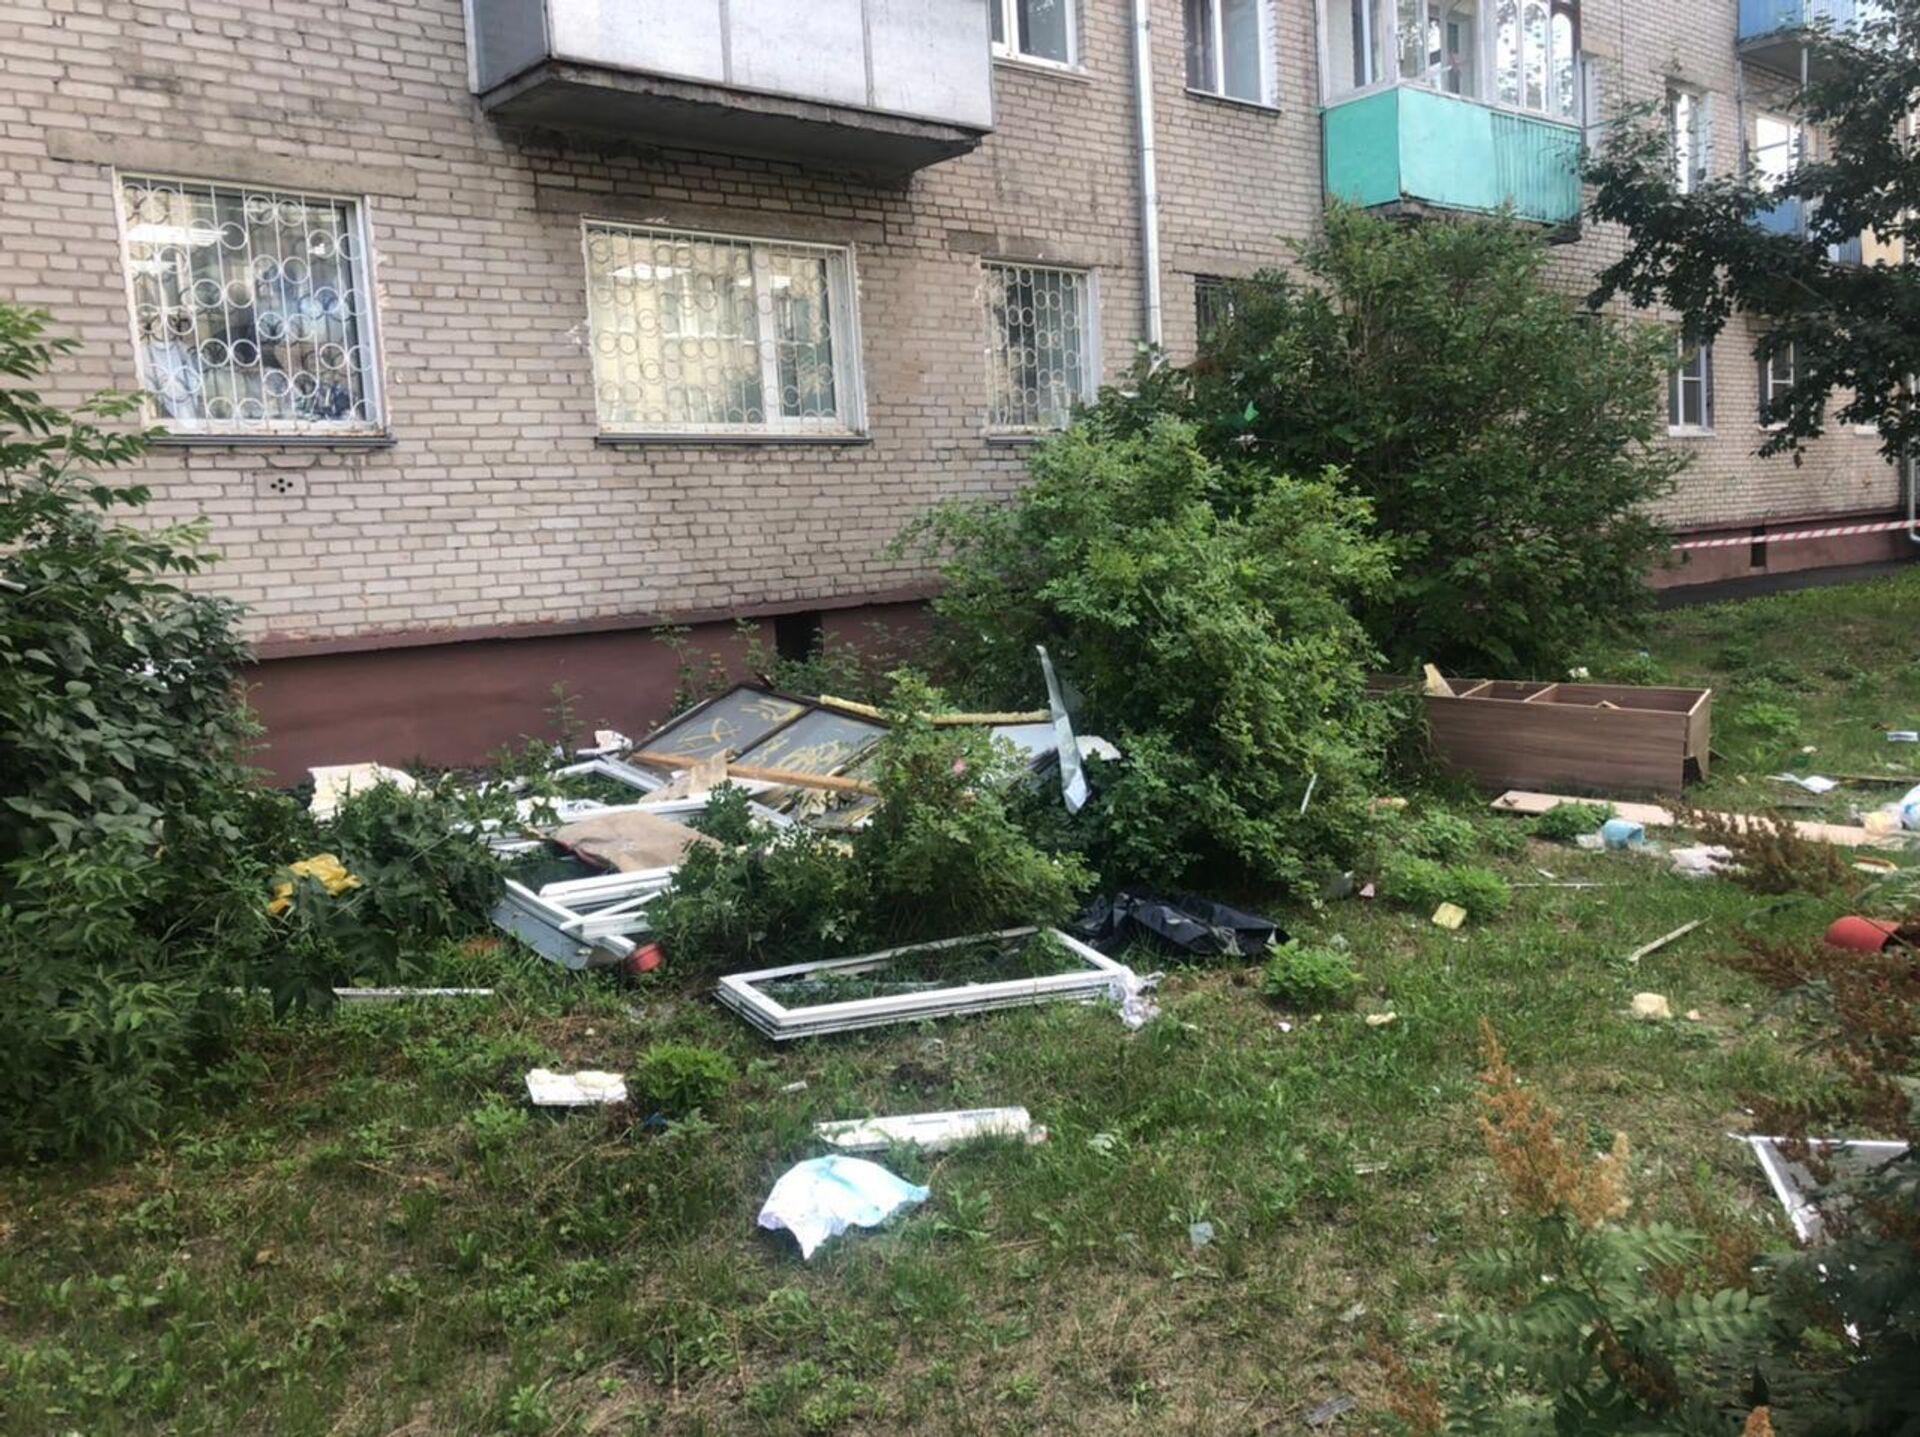 На месте взрыва газовоздушной смеси в одной из квартир пятиэтажного дома в городе Барнауле - РИА Новости, 1920, 29.07.2021